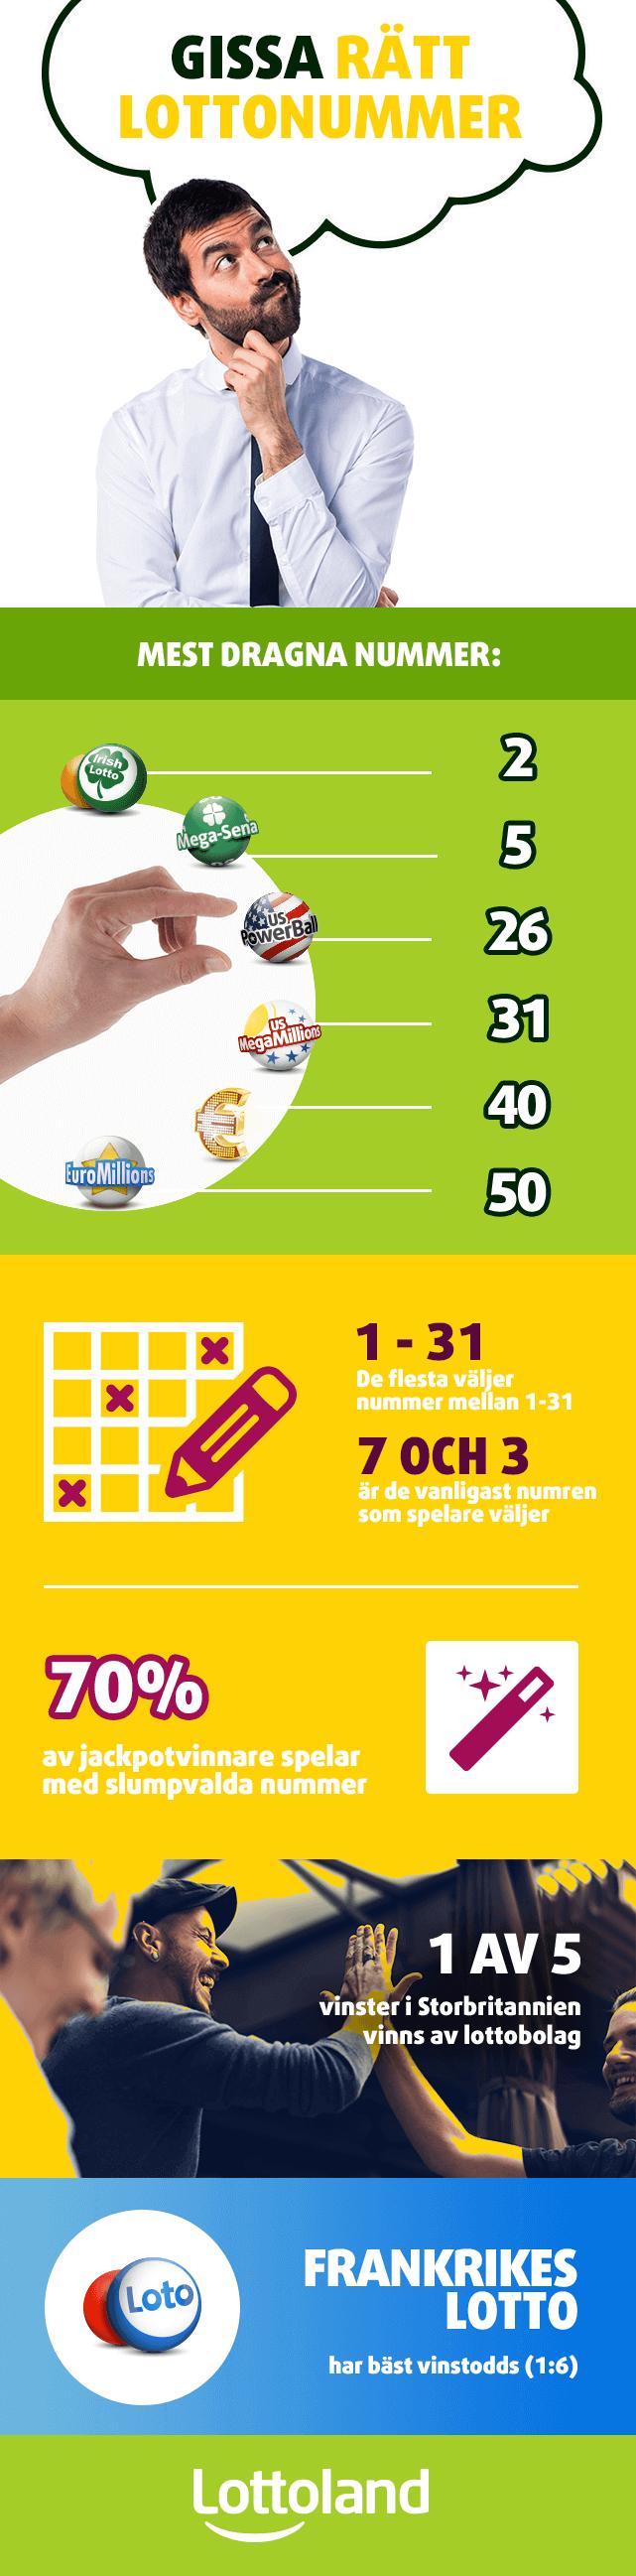 Bra odds spelmarknader 445525